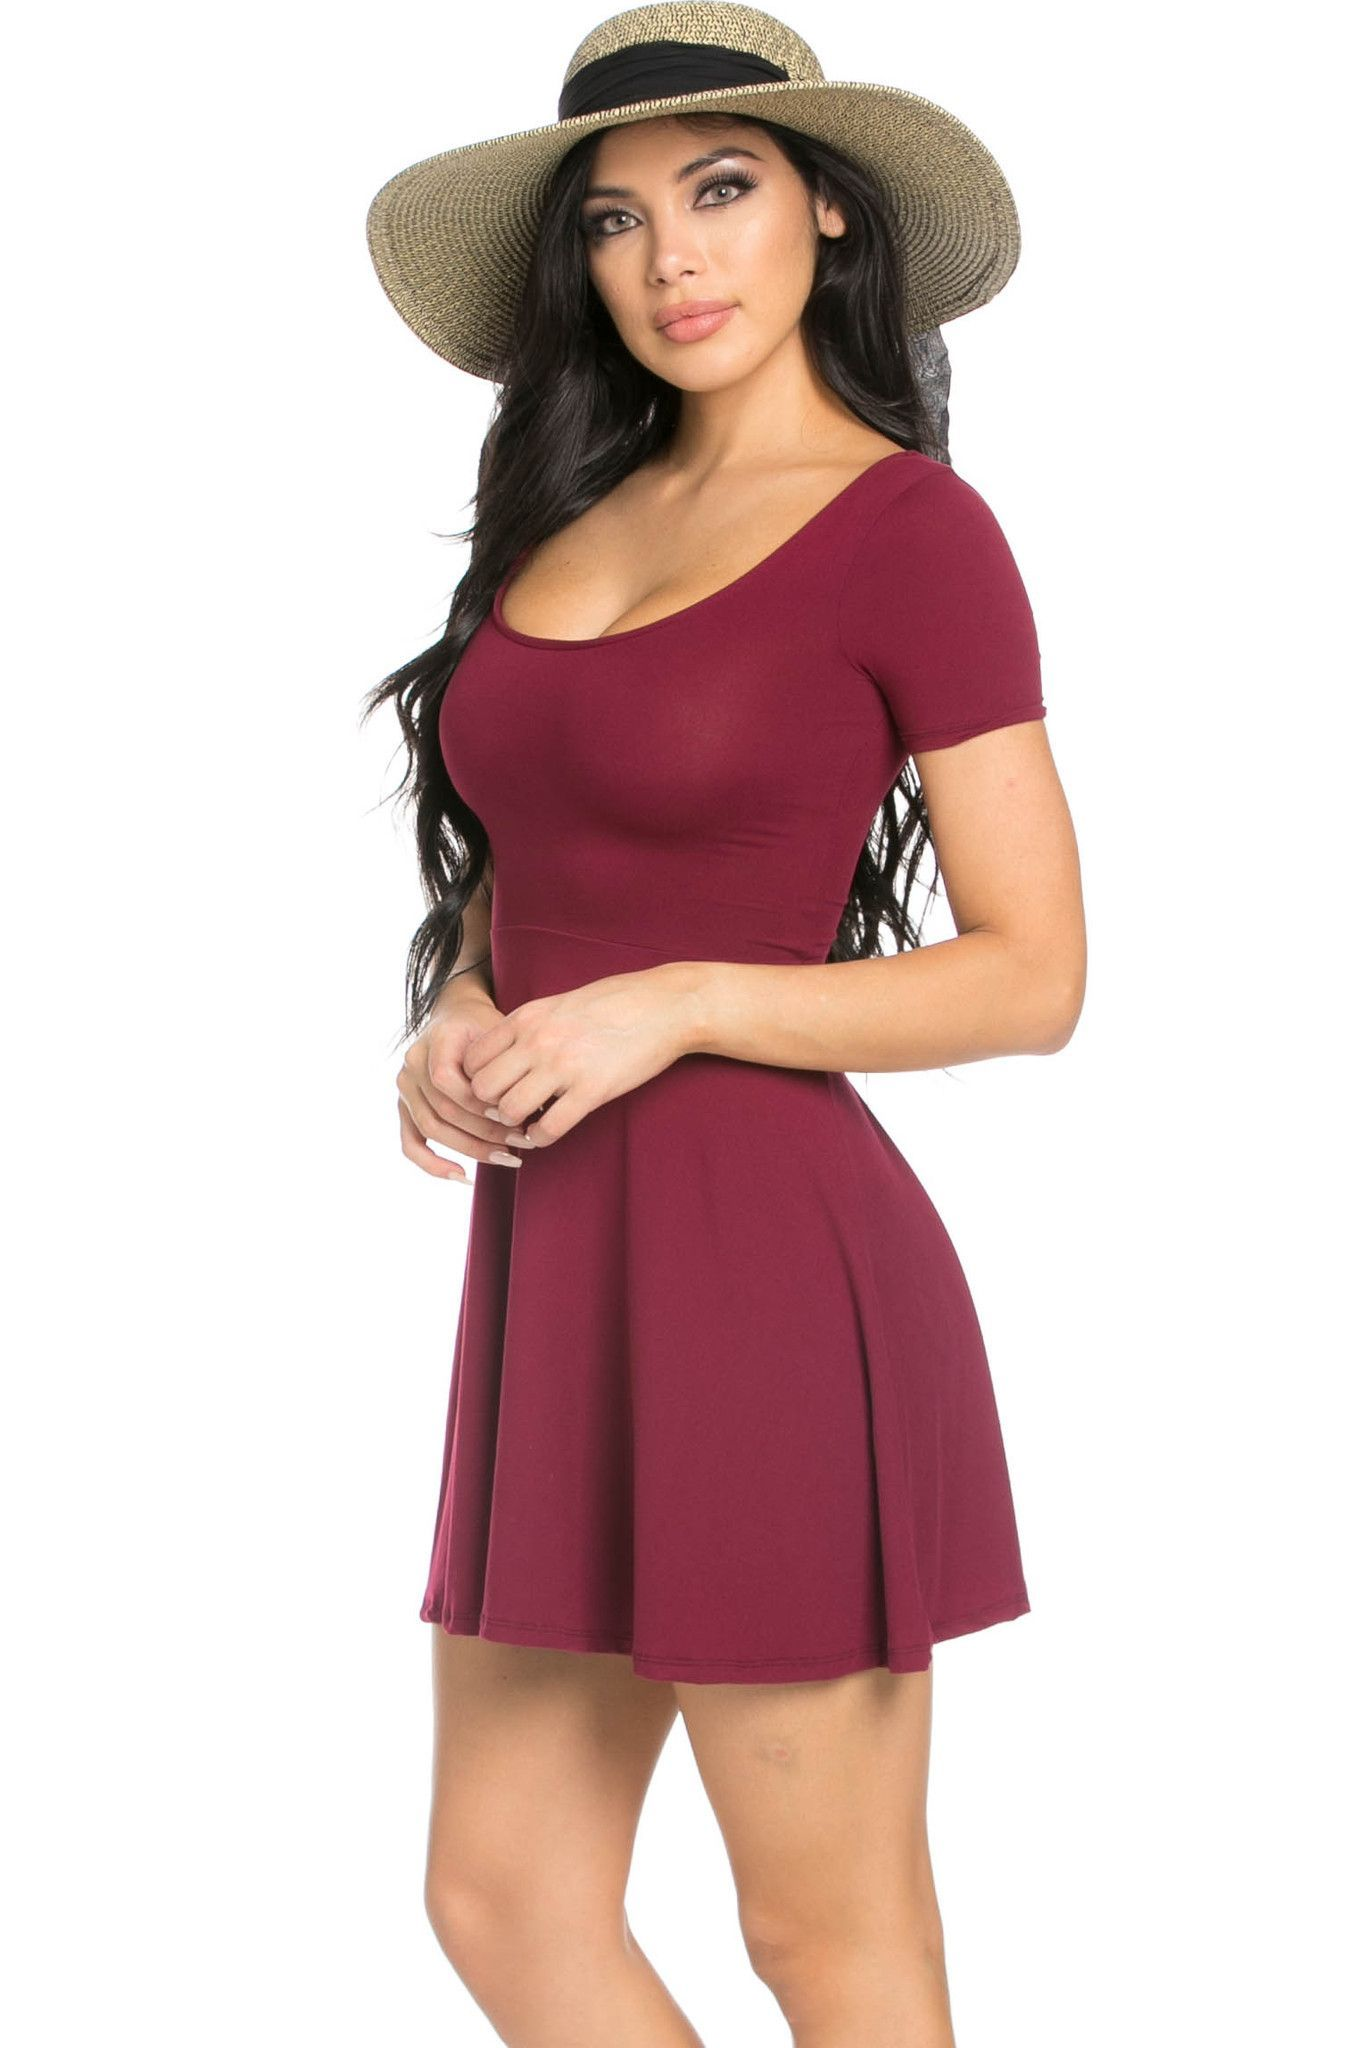 Microsuede Dresses